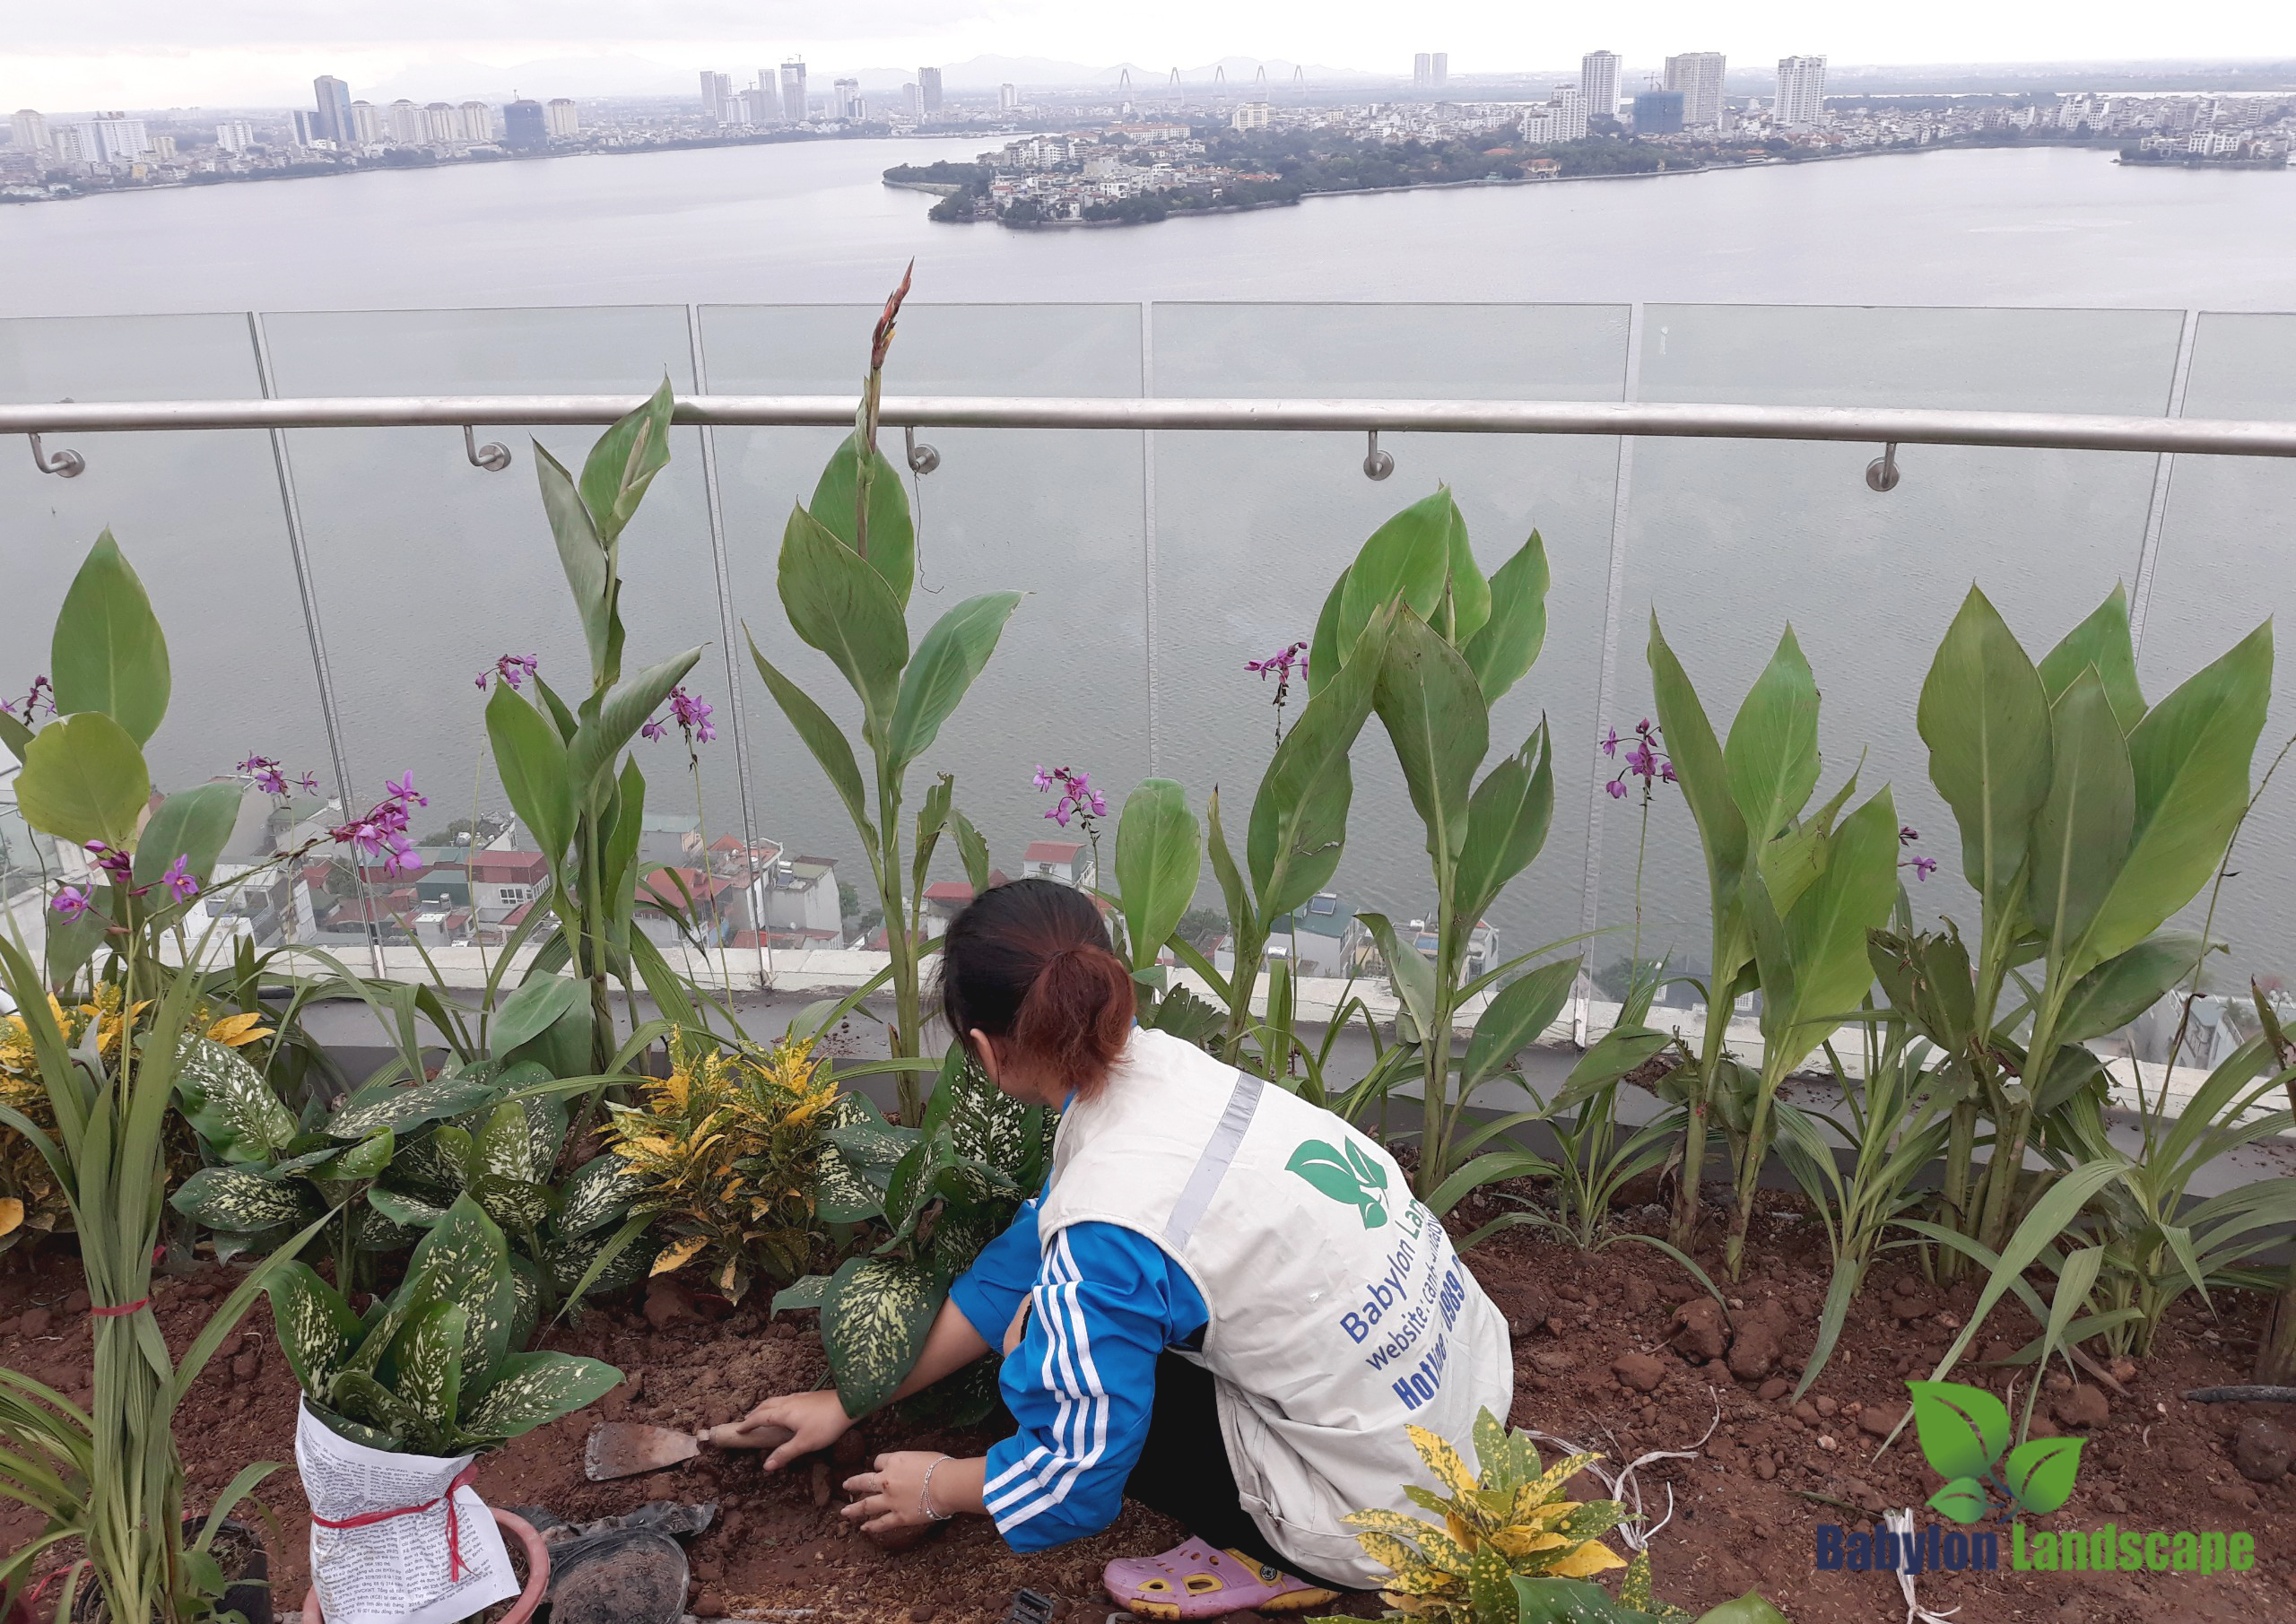 Babylon landscape – nhà thầu thi công vườn trên mái nhà chuyên nghiệp